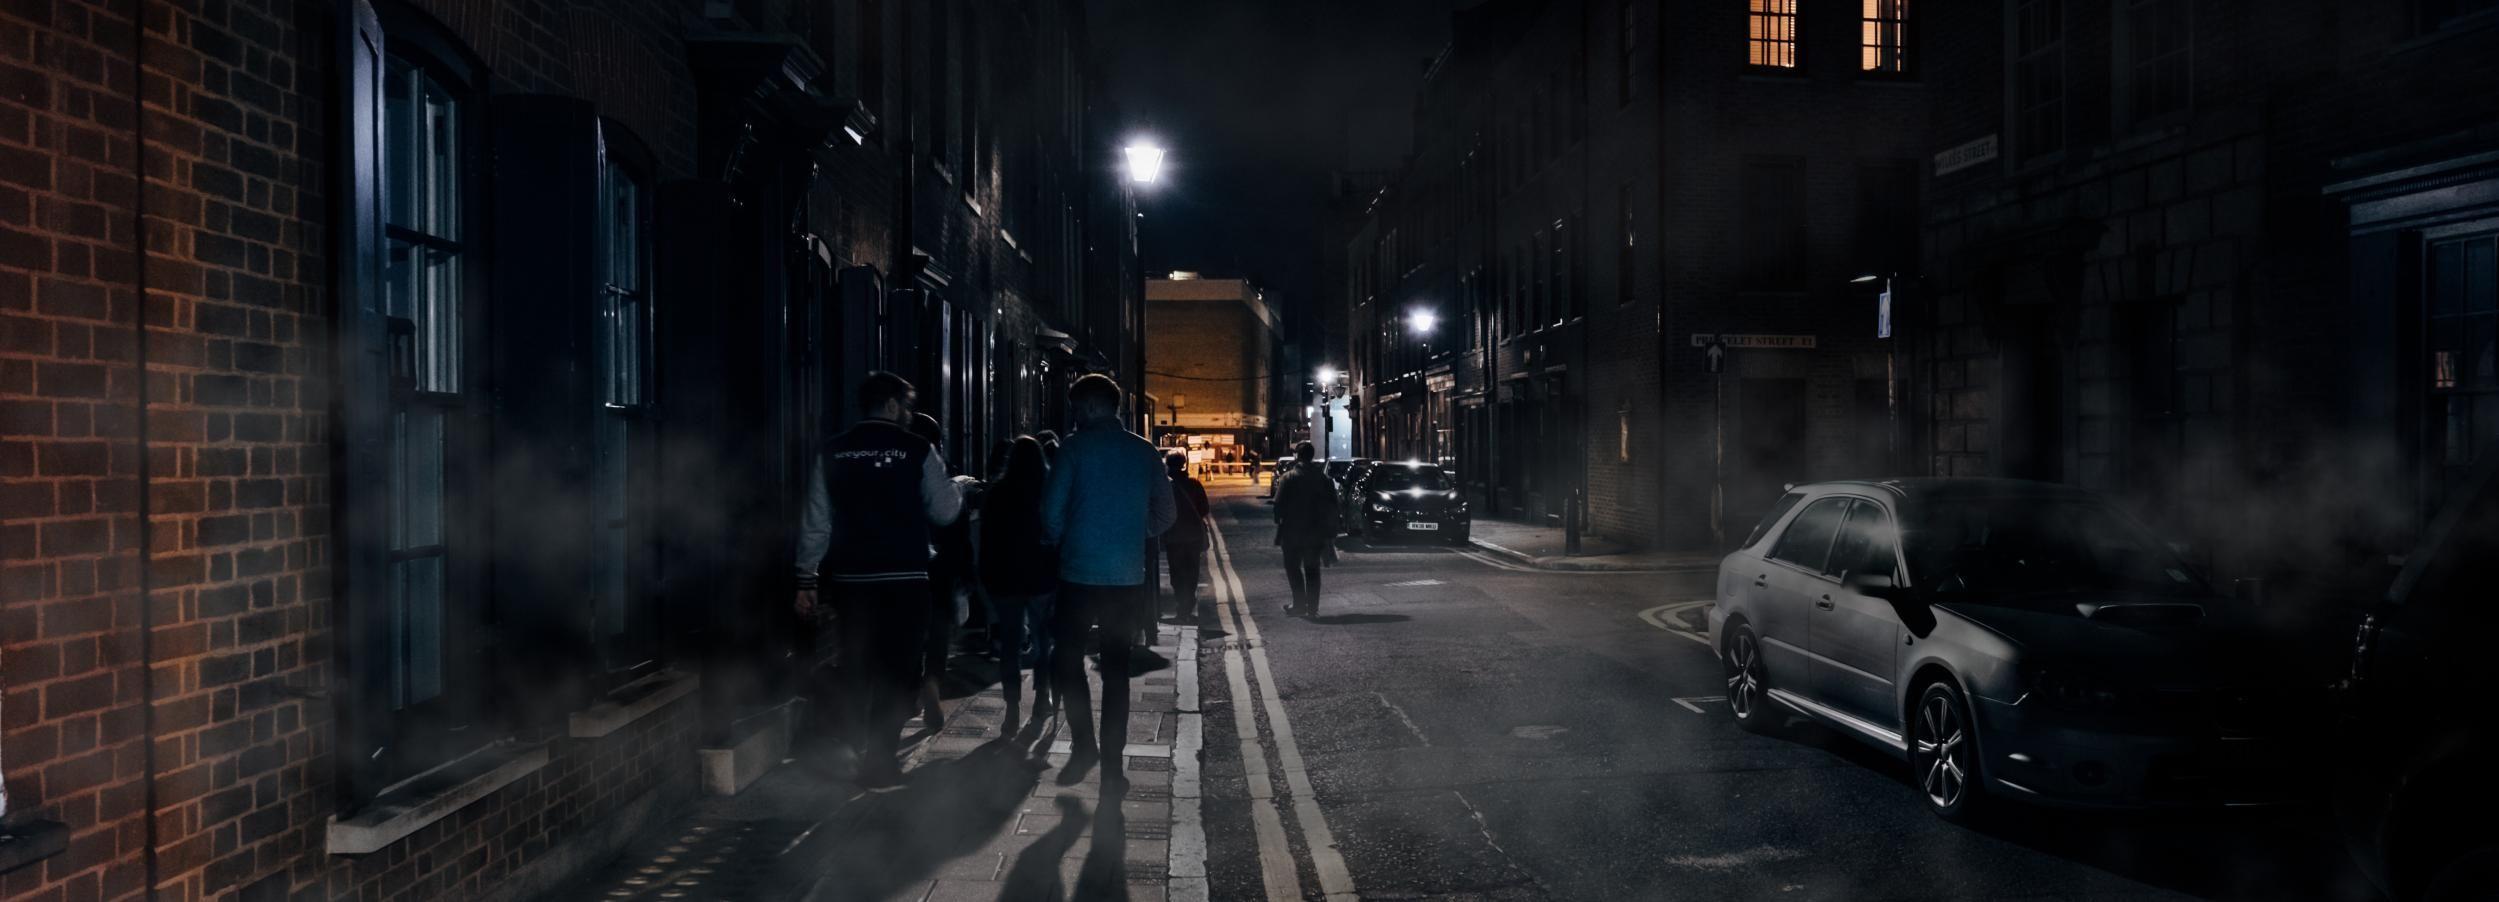 Online ervaring: Jack the Ripper Murder Mystery